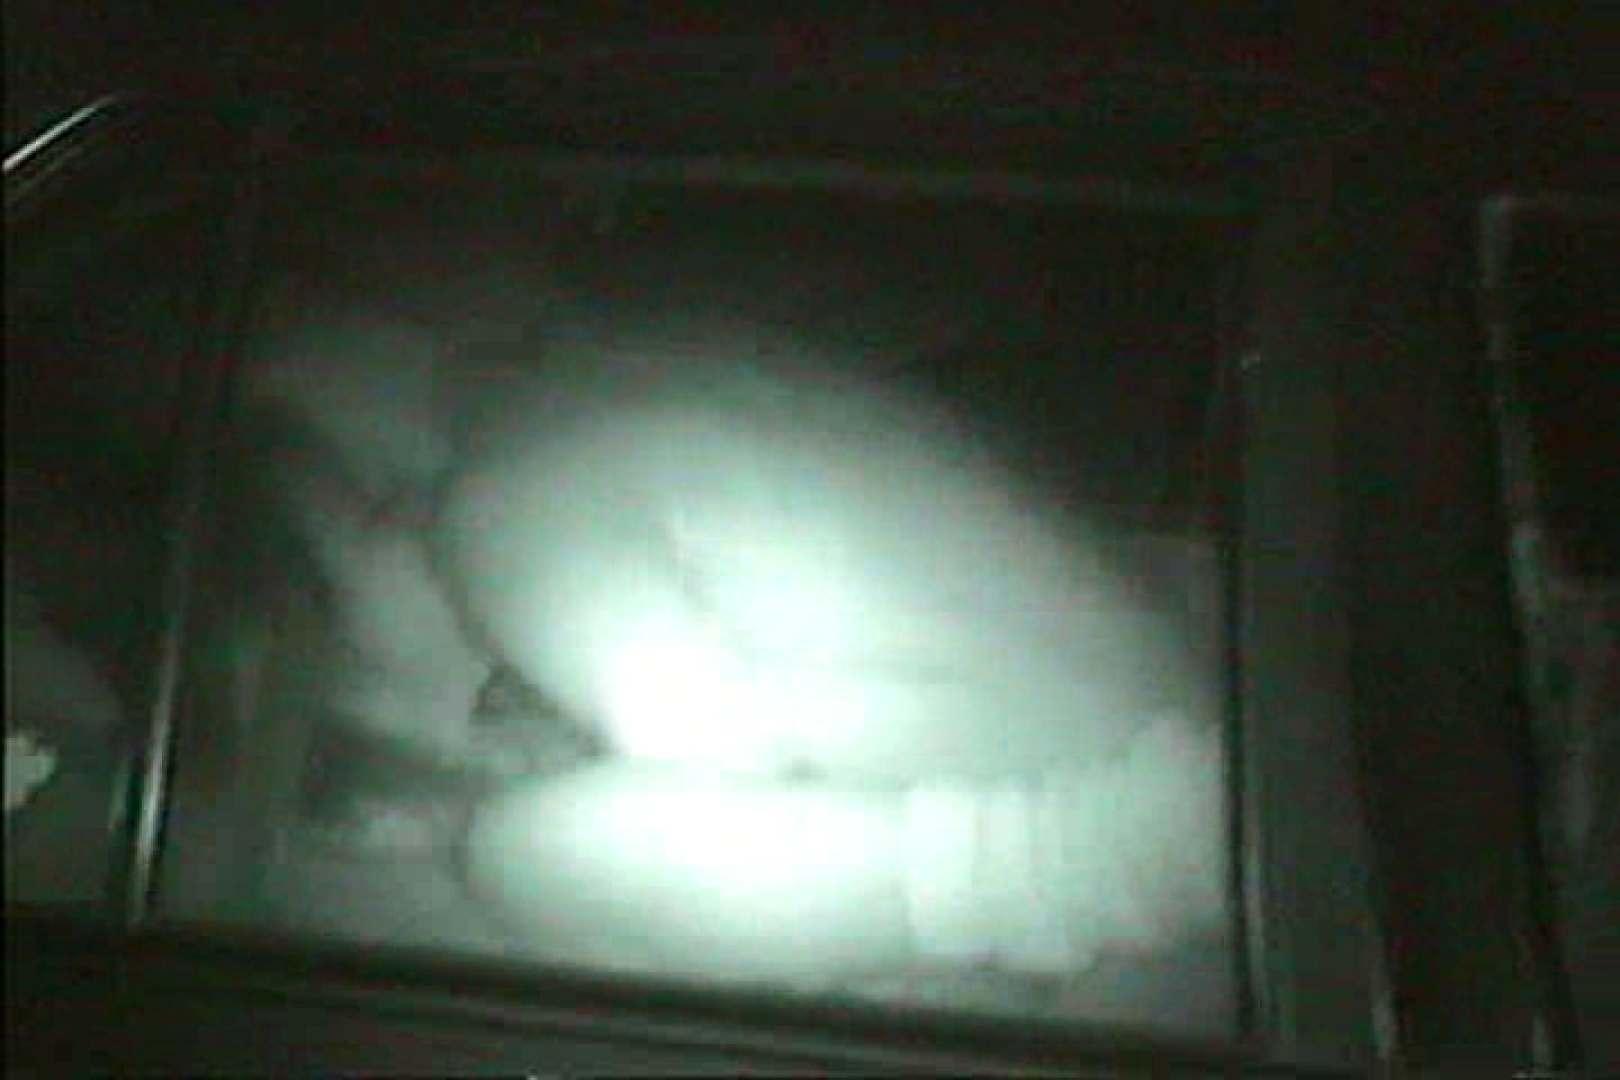 車の中はラブホテル 無修正版  Vol.28 セックス AV動画キャプチャ 99pic 12